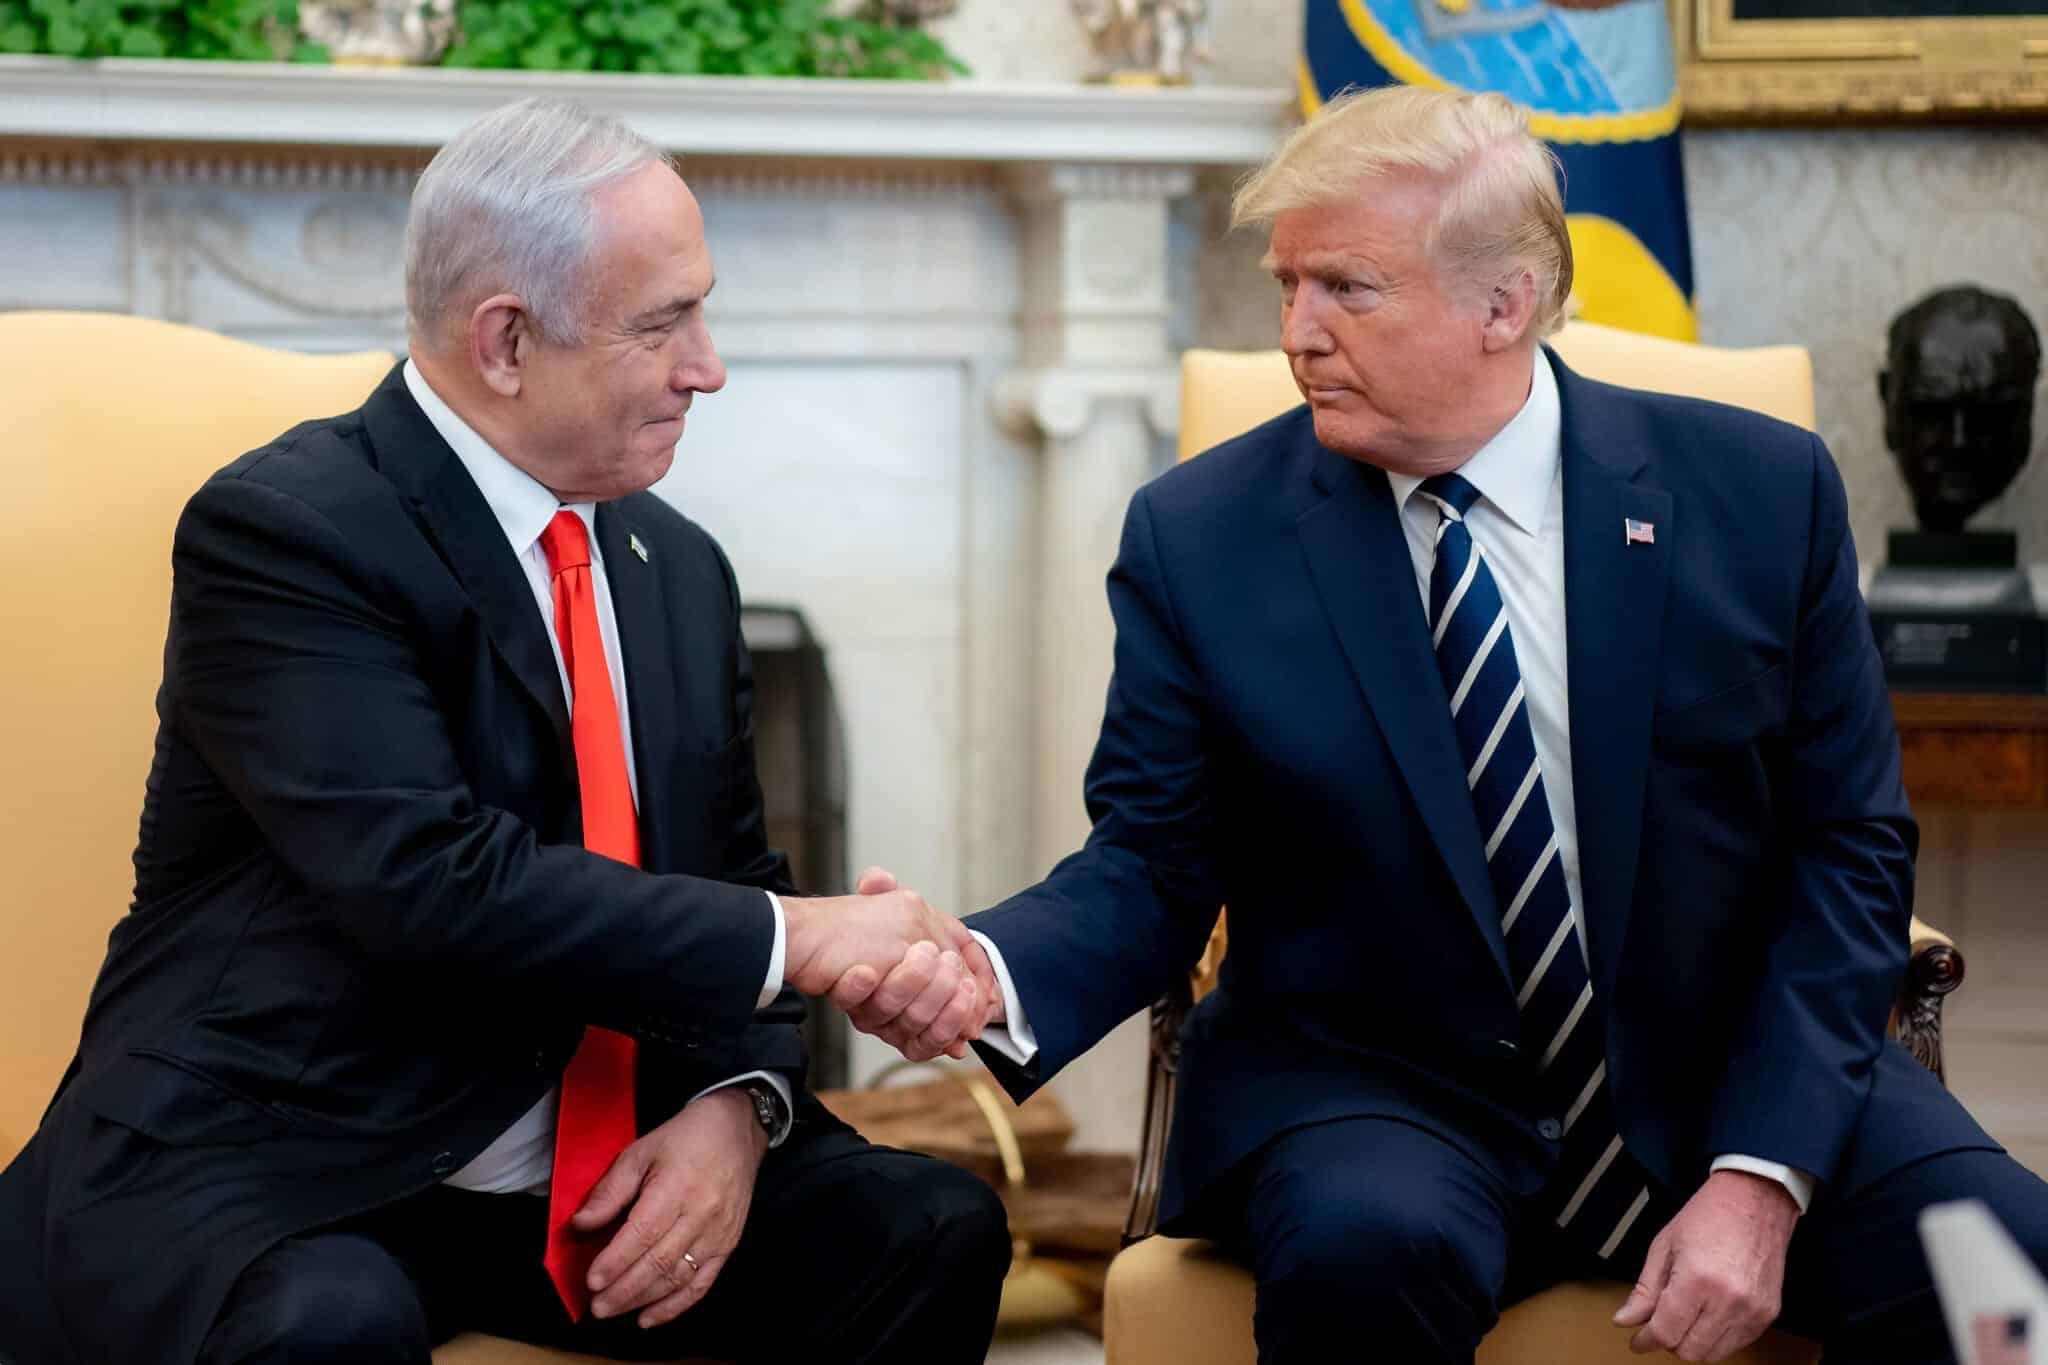 нетаниягу и трамп фото